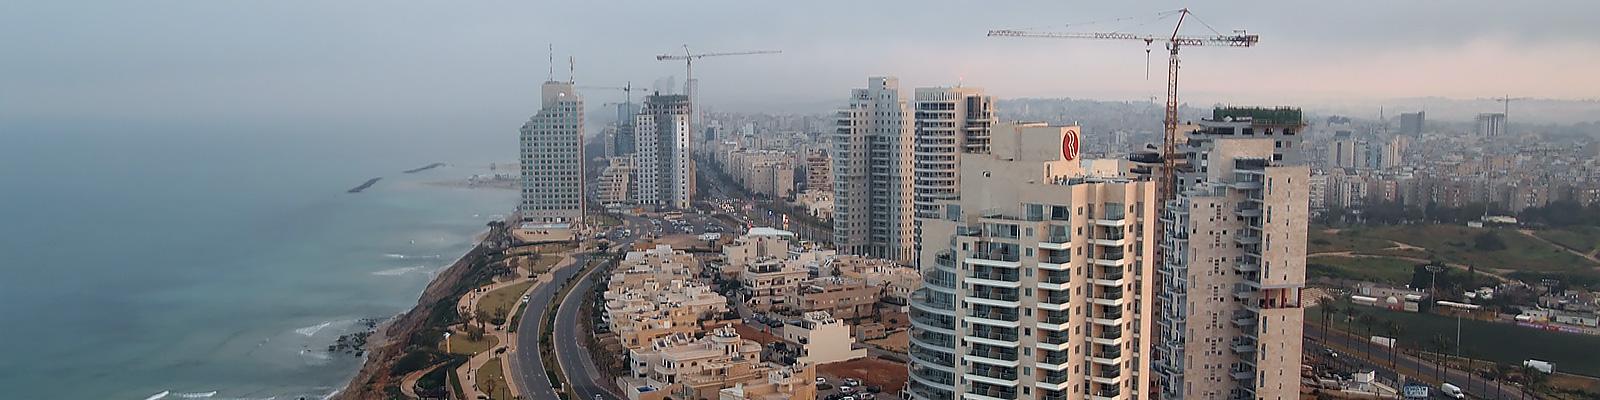 イスラエルの風景